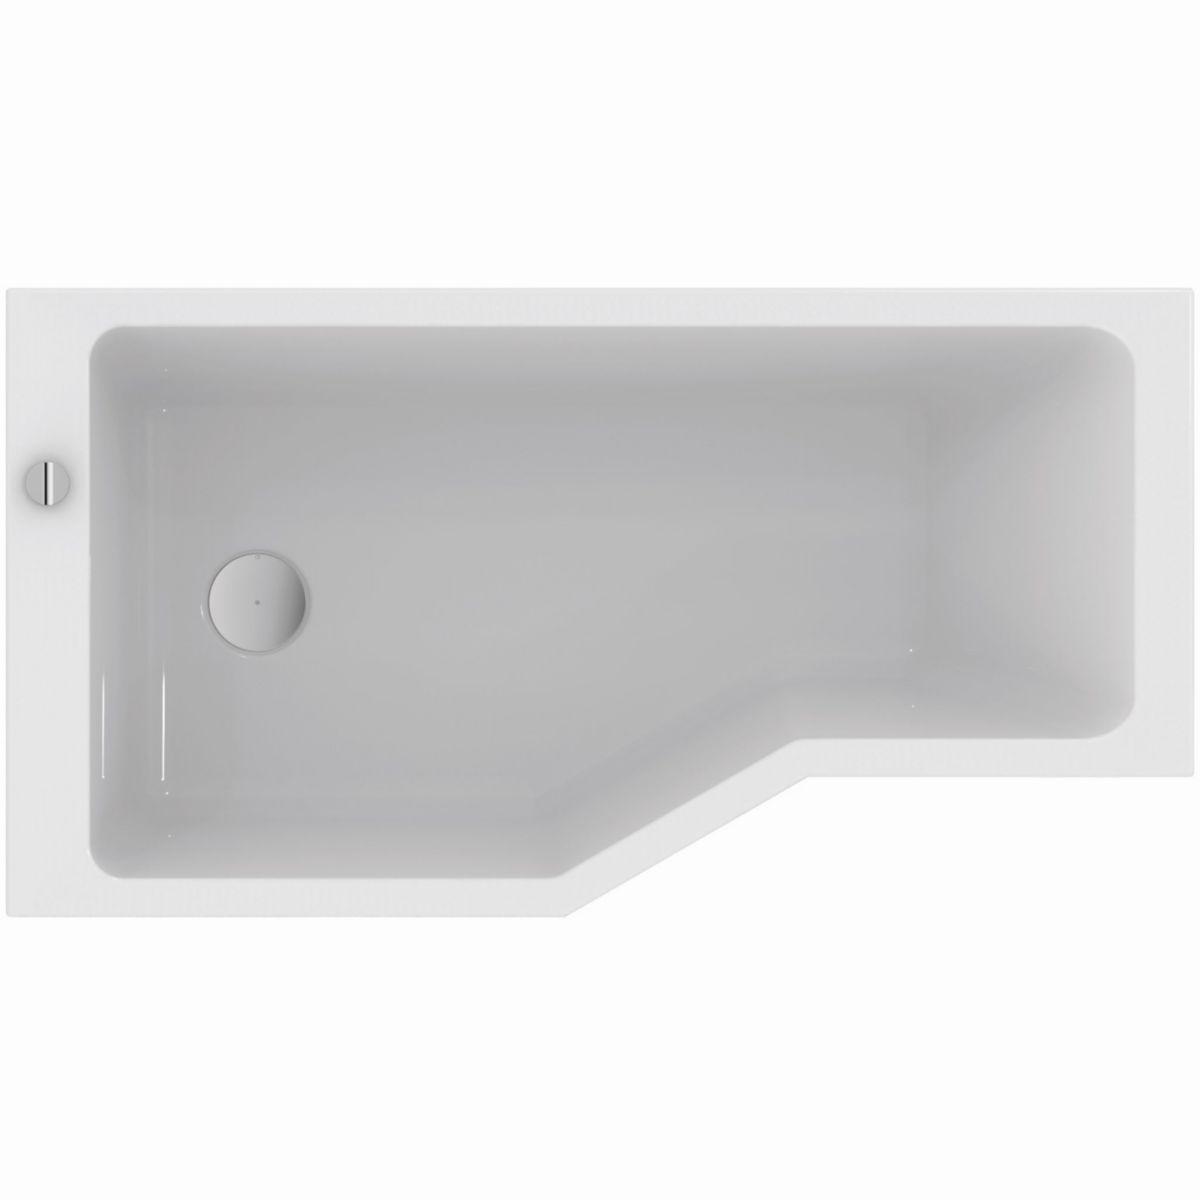 baignoire asymetrique plenitude 3 170 90 70 cm gauche acrylique blanc vidage inclus